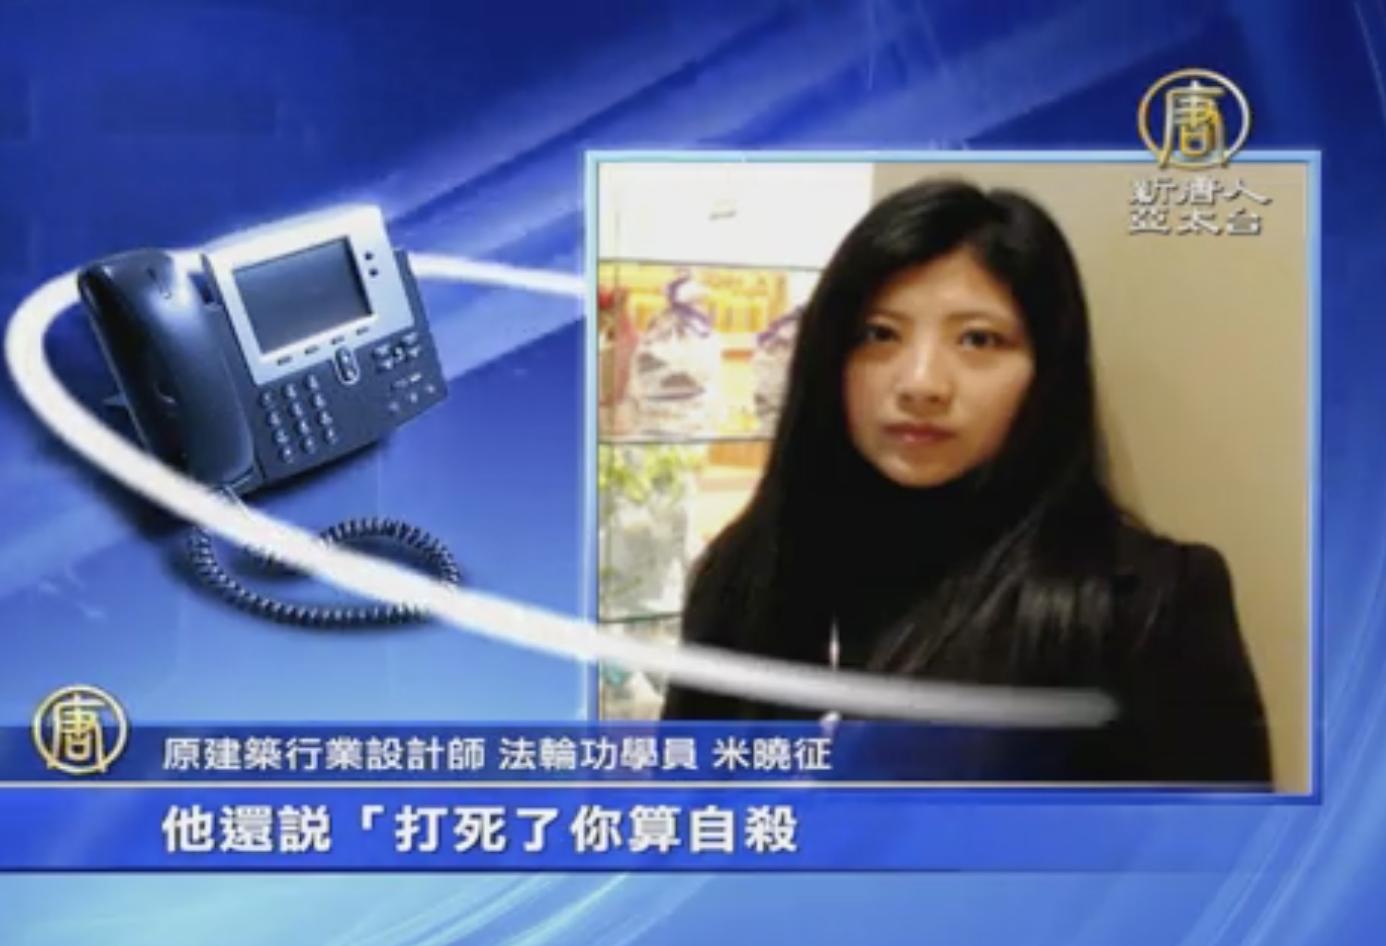 2015年7月7日,在接受新唐人電視台採訪時說,北京警察馬增勇曾威脅她說,「打死你算自殺。」(視頻截圖)